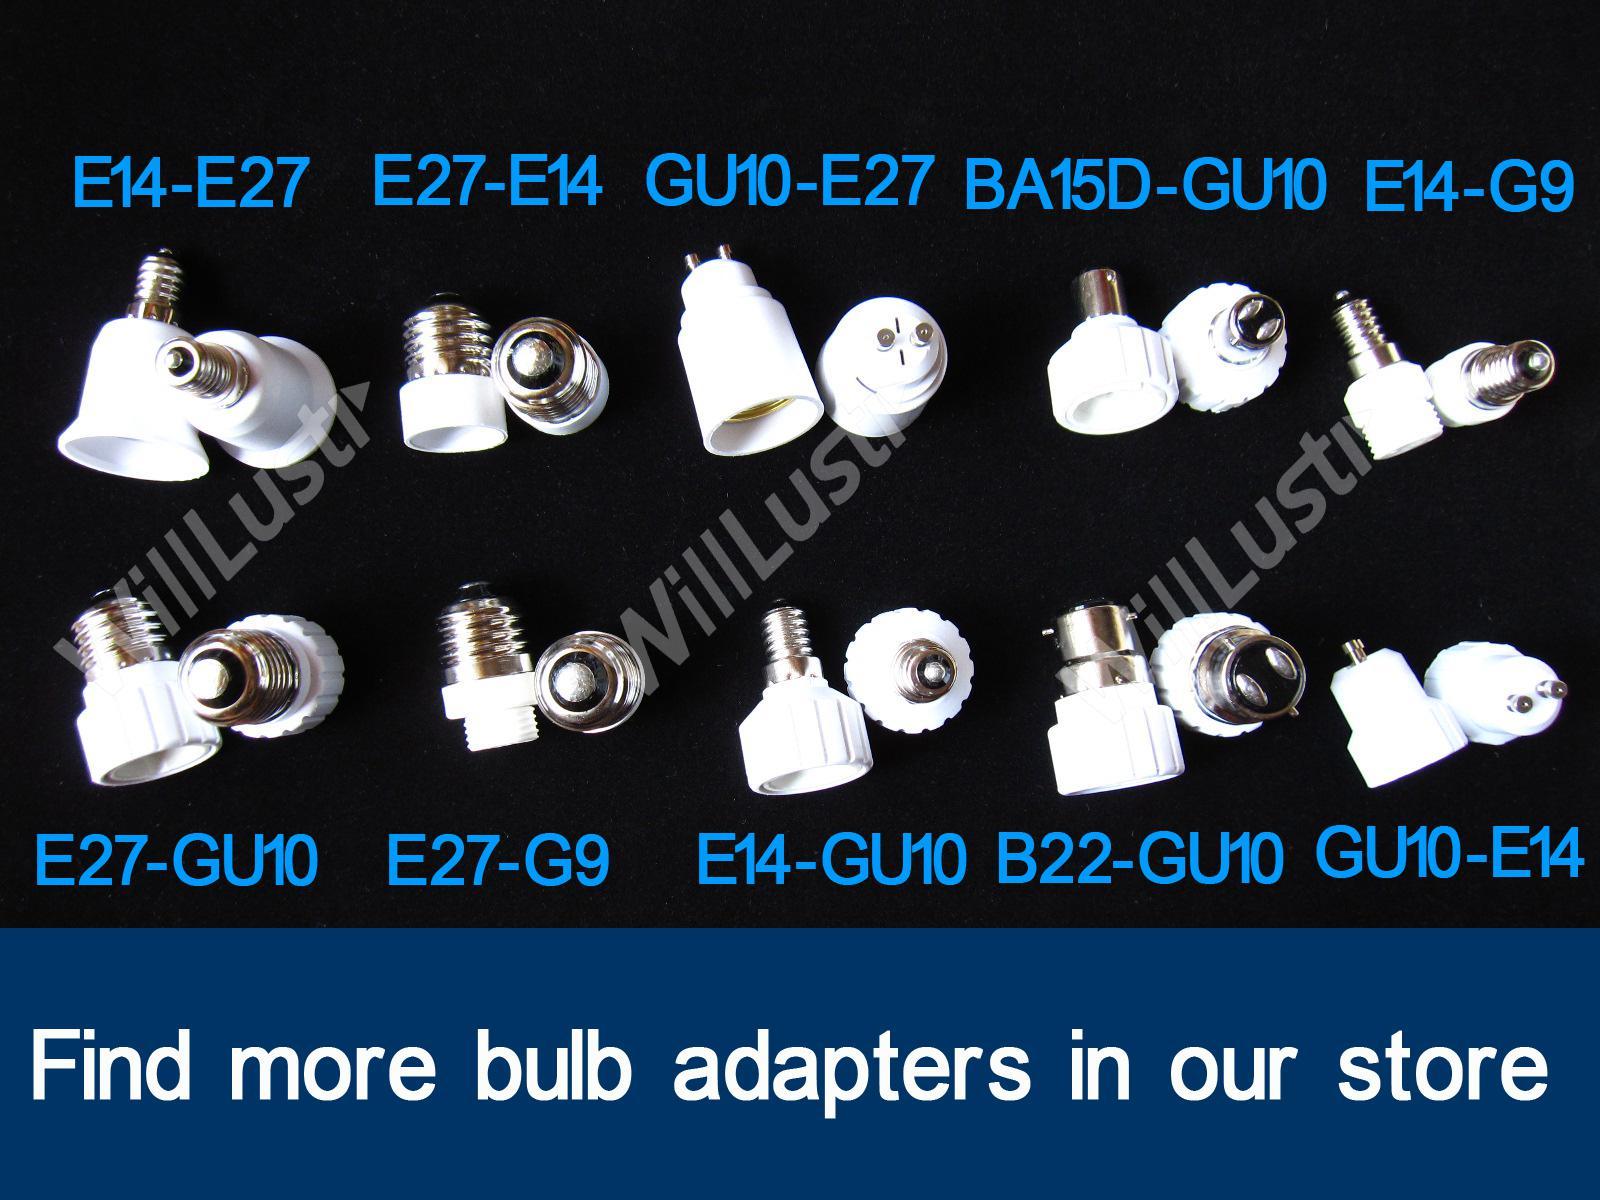 100 قطعة / الوحدة فيديكس شحن مجاني b22 إلى e27 محول led الهالوجين cfl ضوء مصباح e27 إلى b22 محول bc إلى es محول